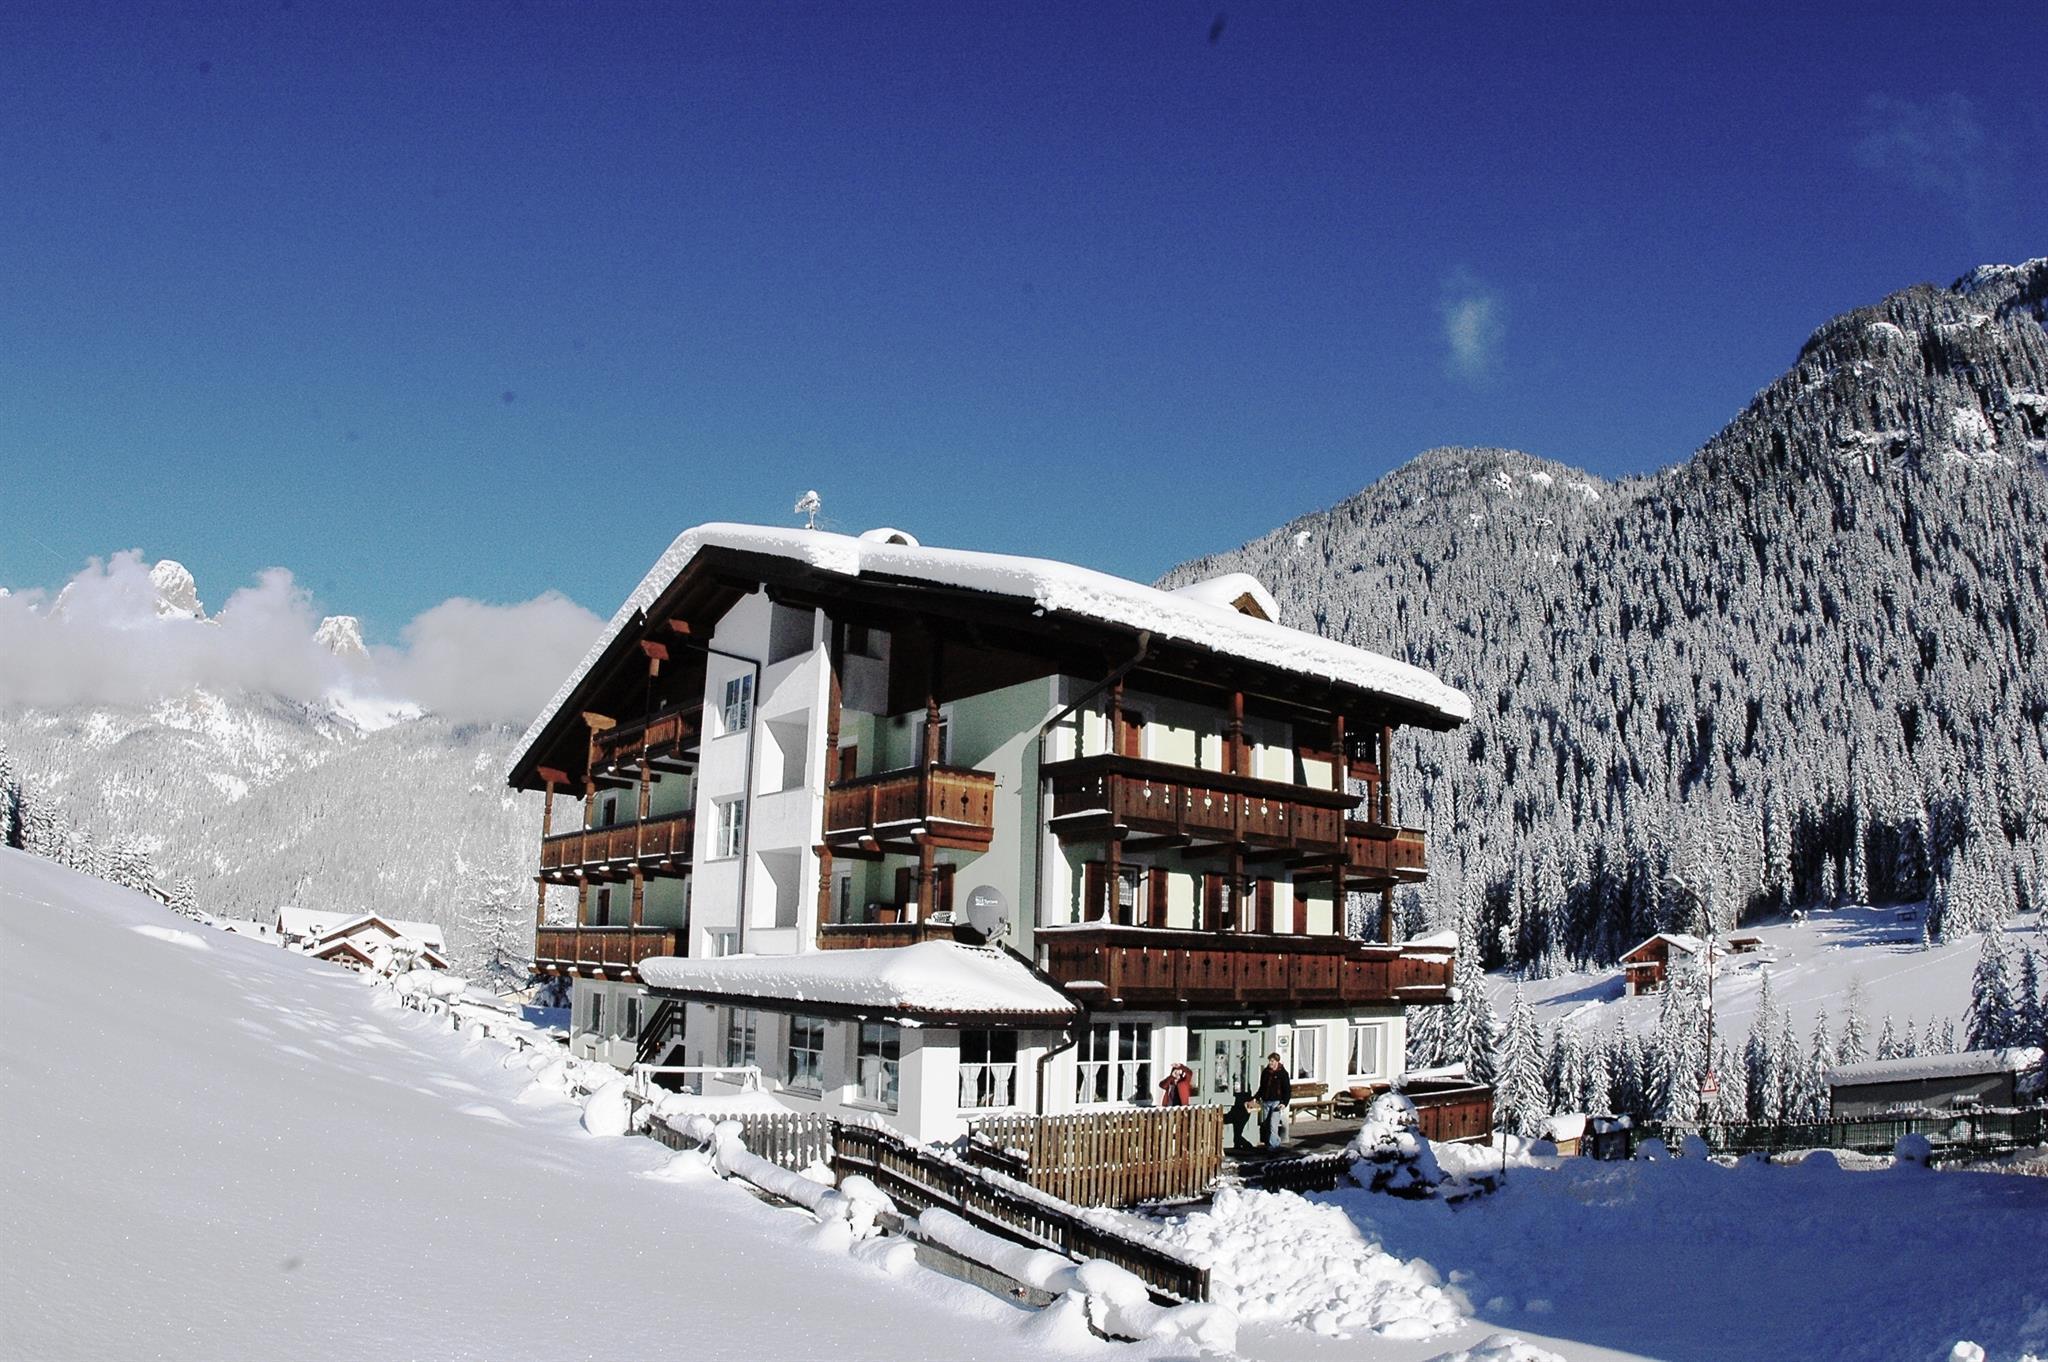 Hotel Sassleng - Alba di Canazei - Val di Fassa - Trentino ...